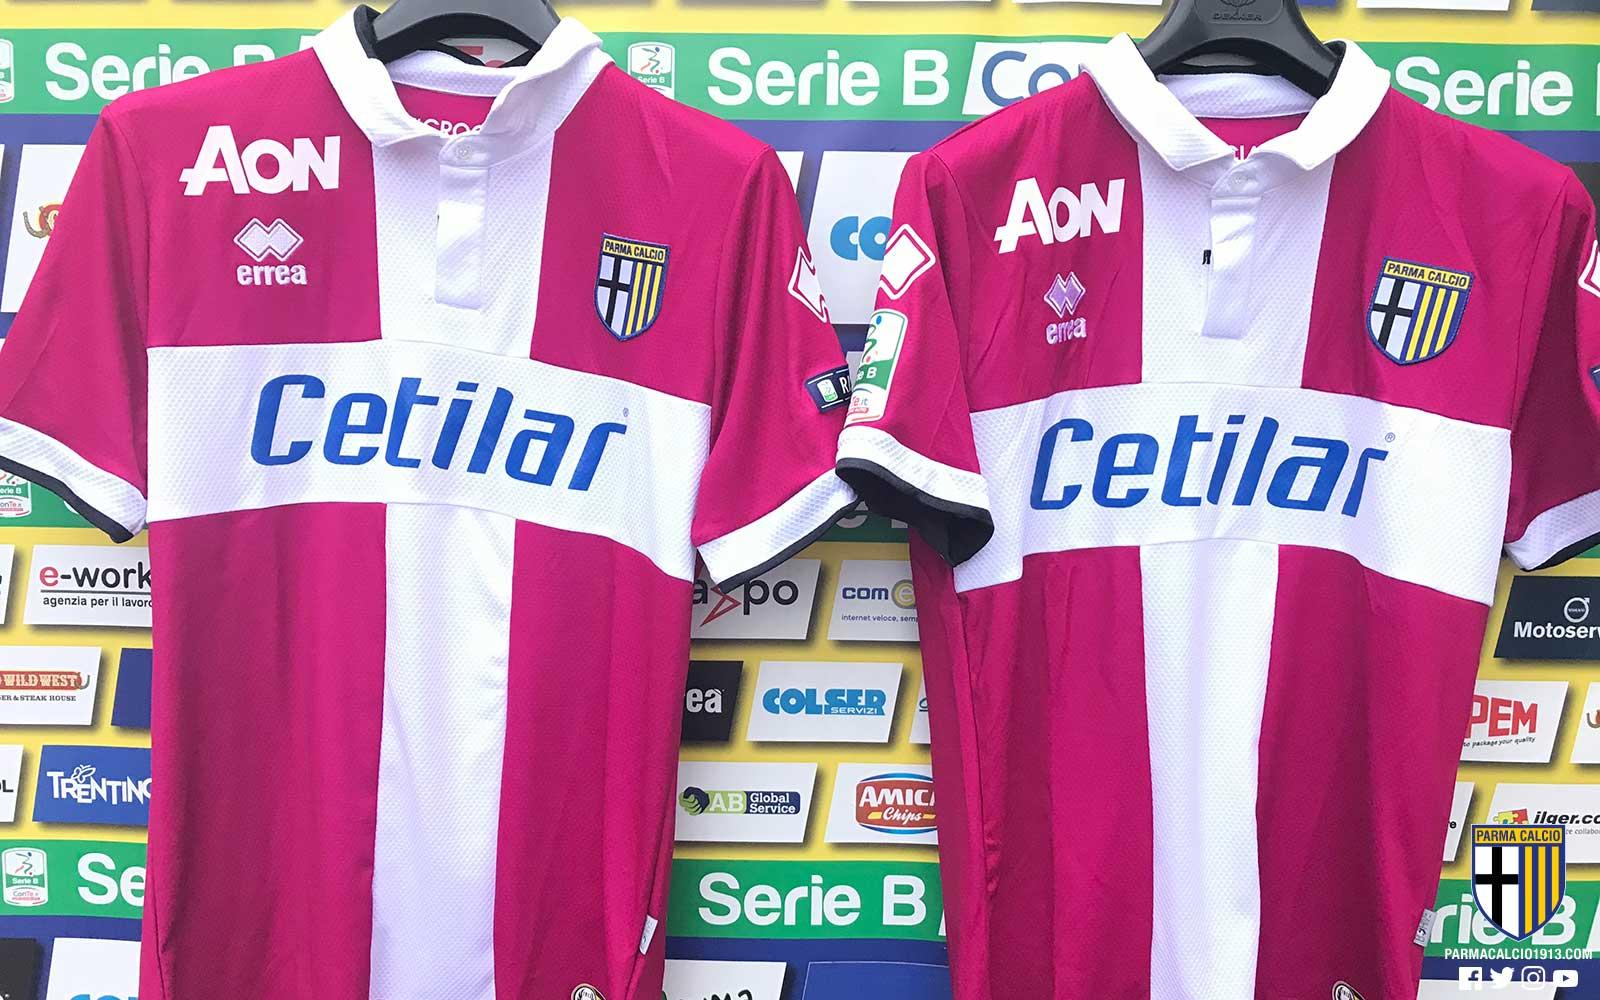 bbed5477573c9 Parma lança a camisa especial em apoio as mulheres - Show de Camisas